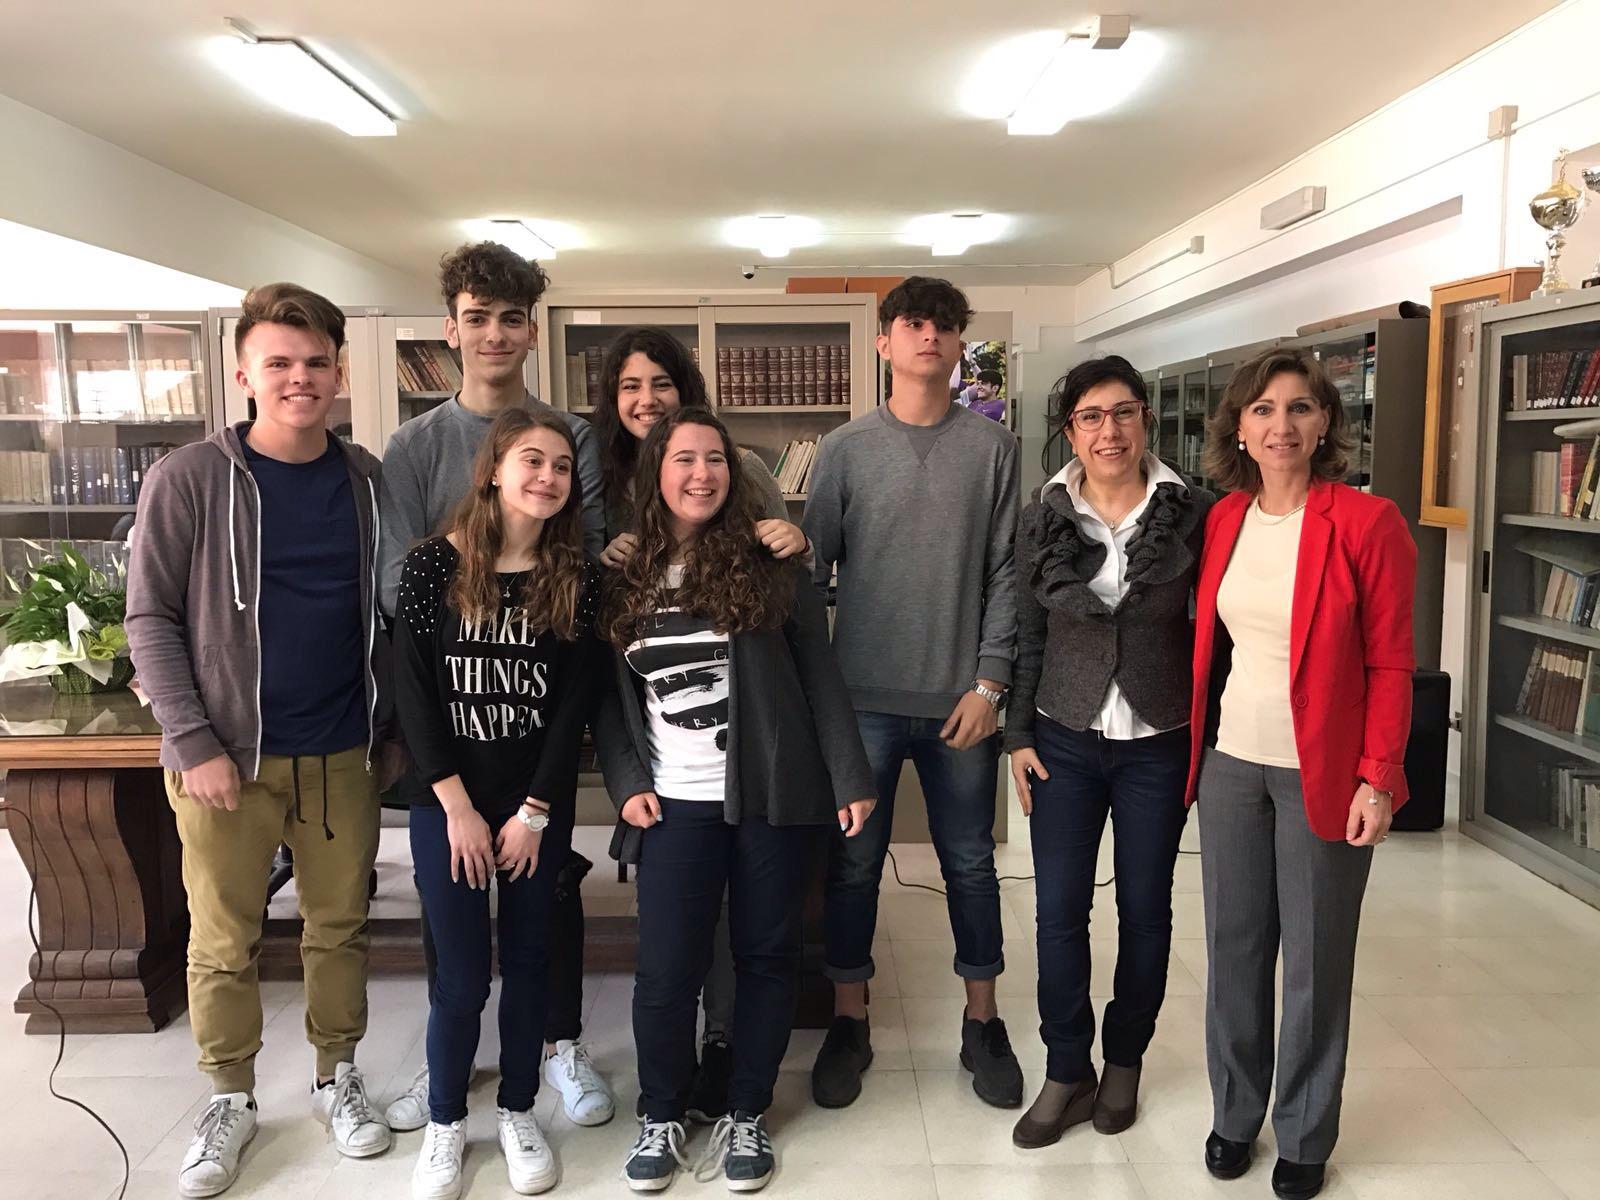 http://www.italreport.it/home/wp-content/uploads/2017/03/del-Liceo-scientifico-dellIIS-Mazzini-.jpg